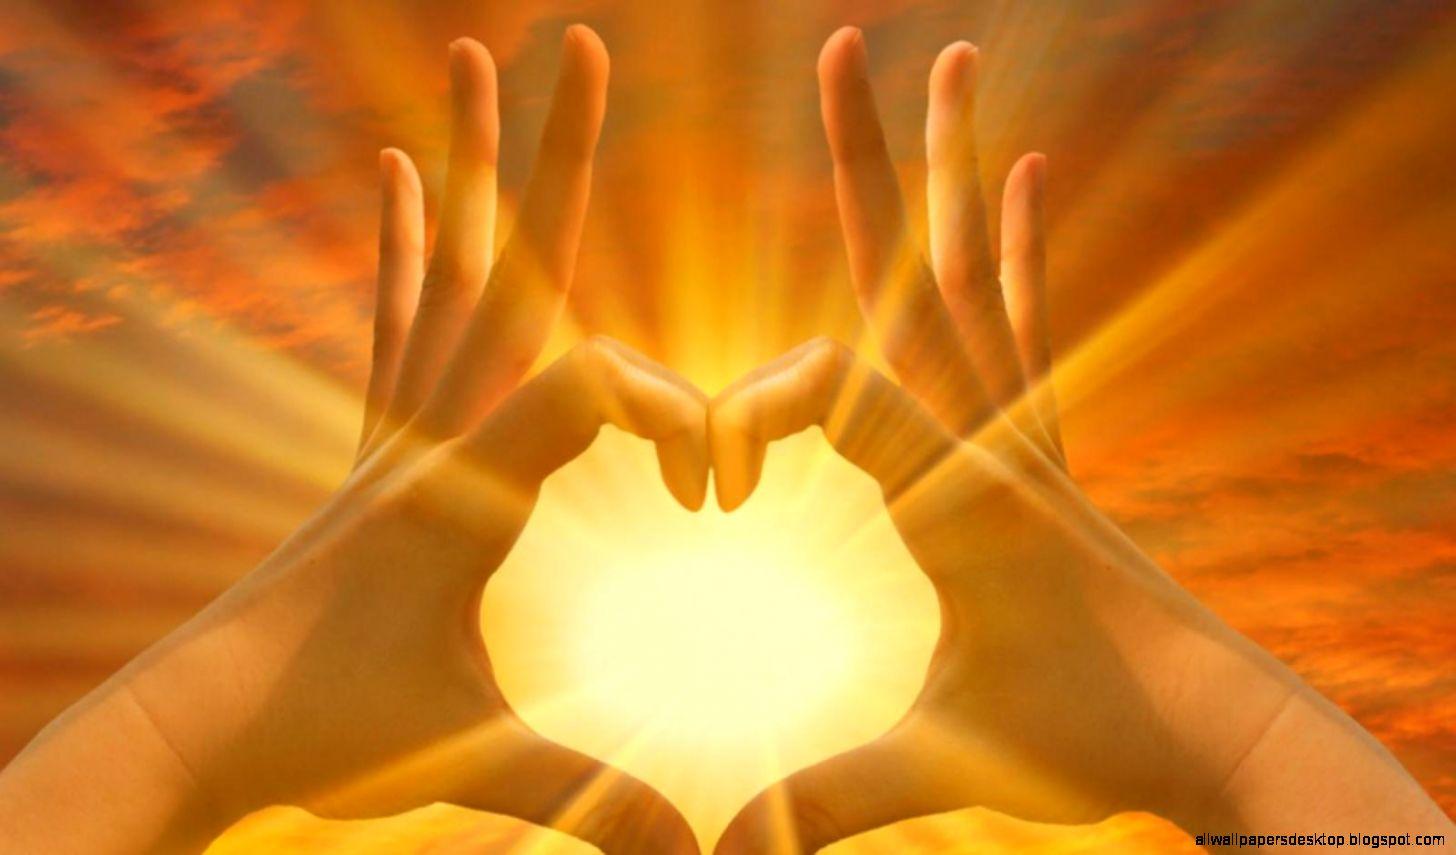 Sun love hand wallpaper hd desktop all wallpapers desktop - 2 hand love wallpaper ...